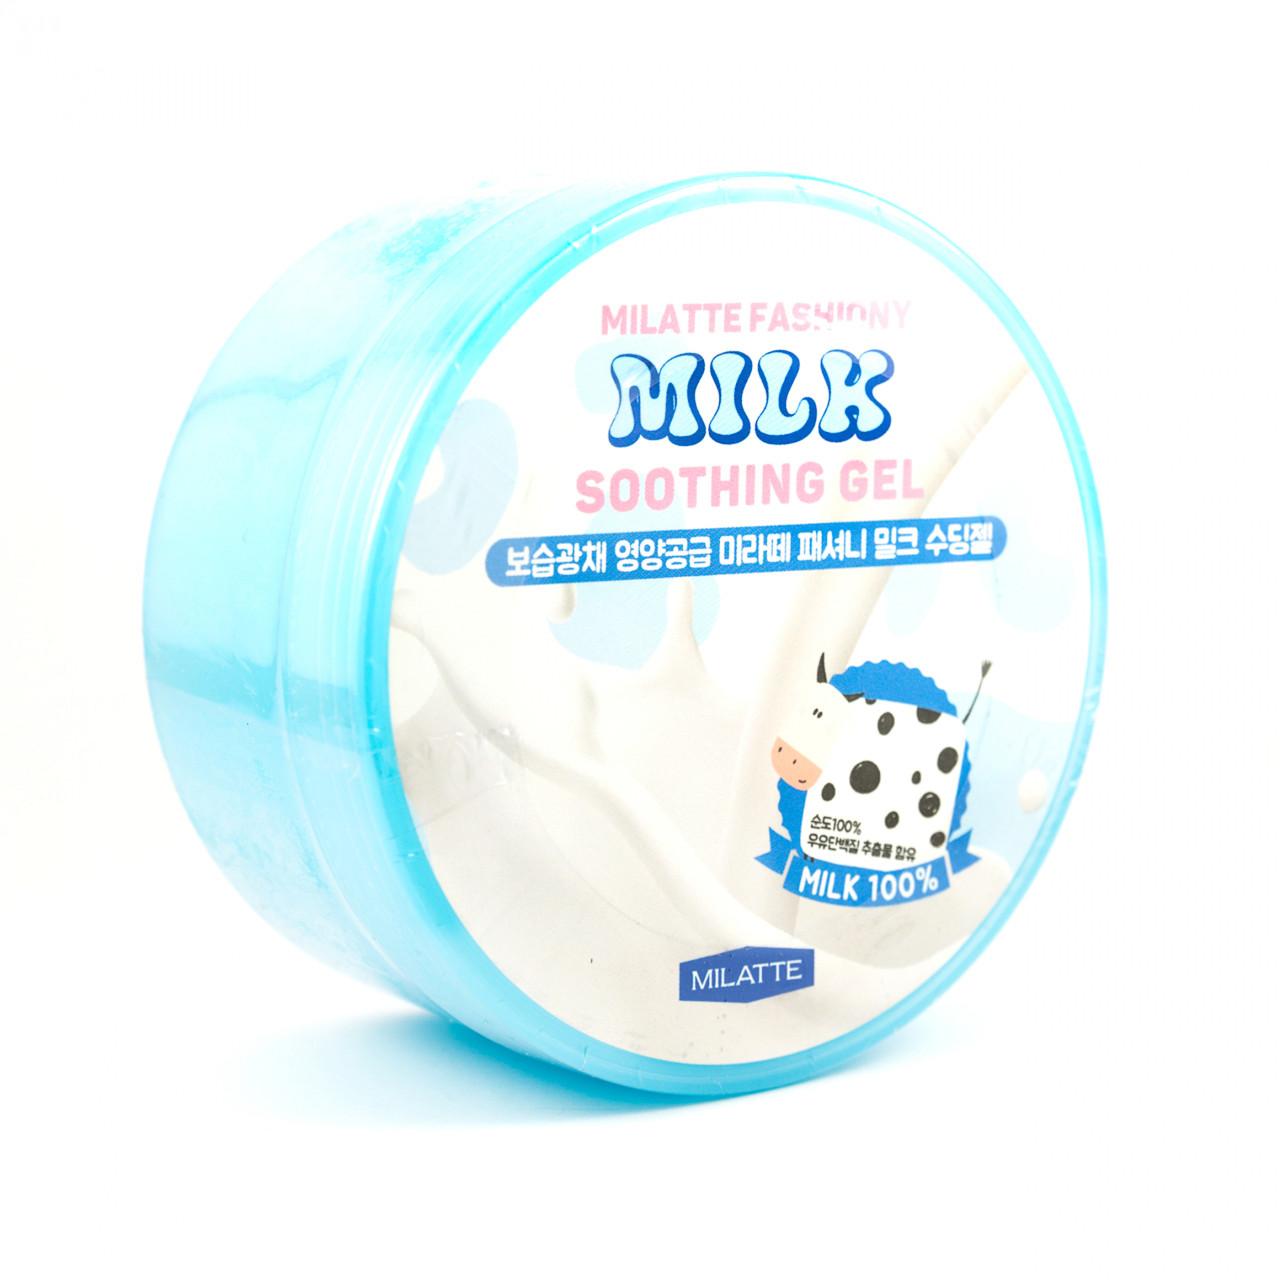 Крем-гель для кожи лица и тела с молочными протеинами Milatte Fashiony Milk Soothing Gel 300 мл (8809535260307)